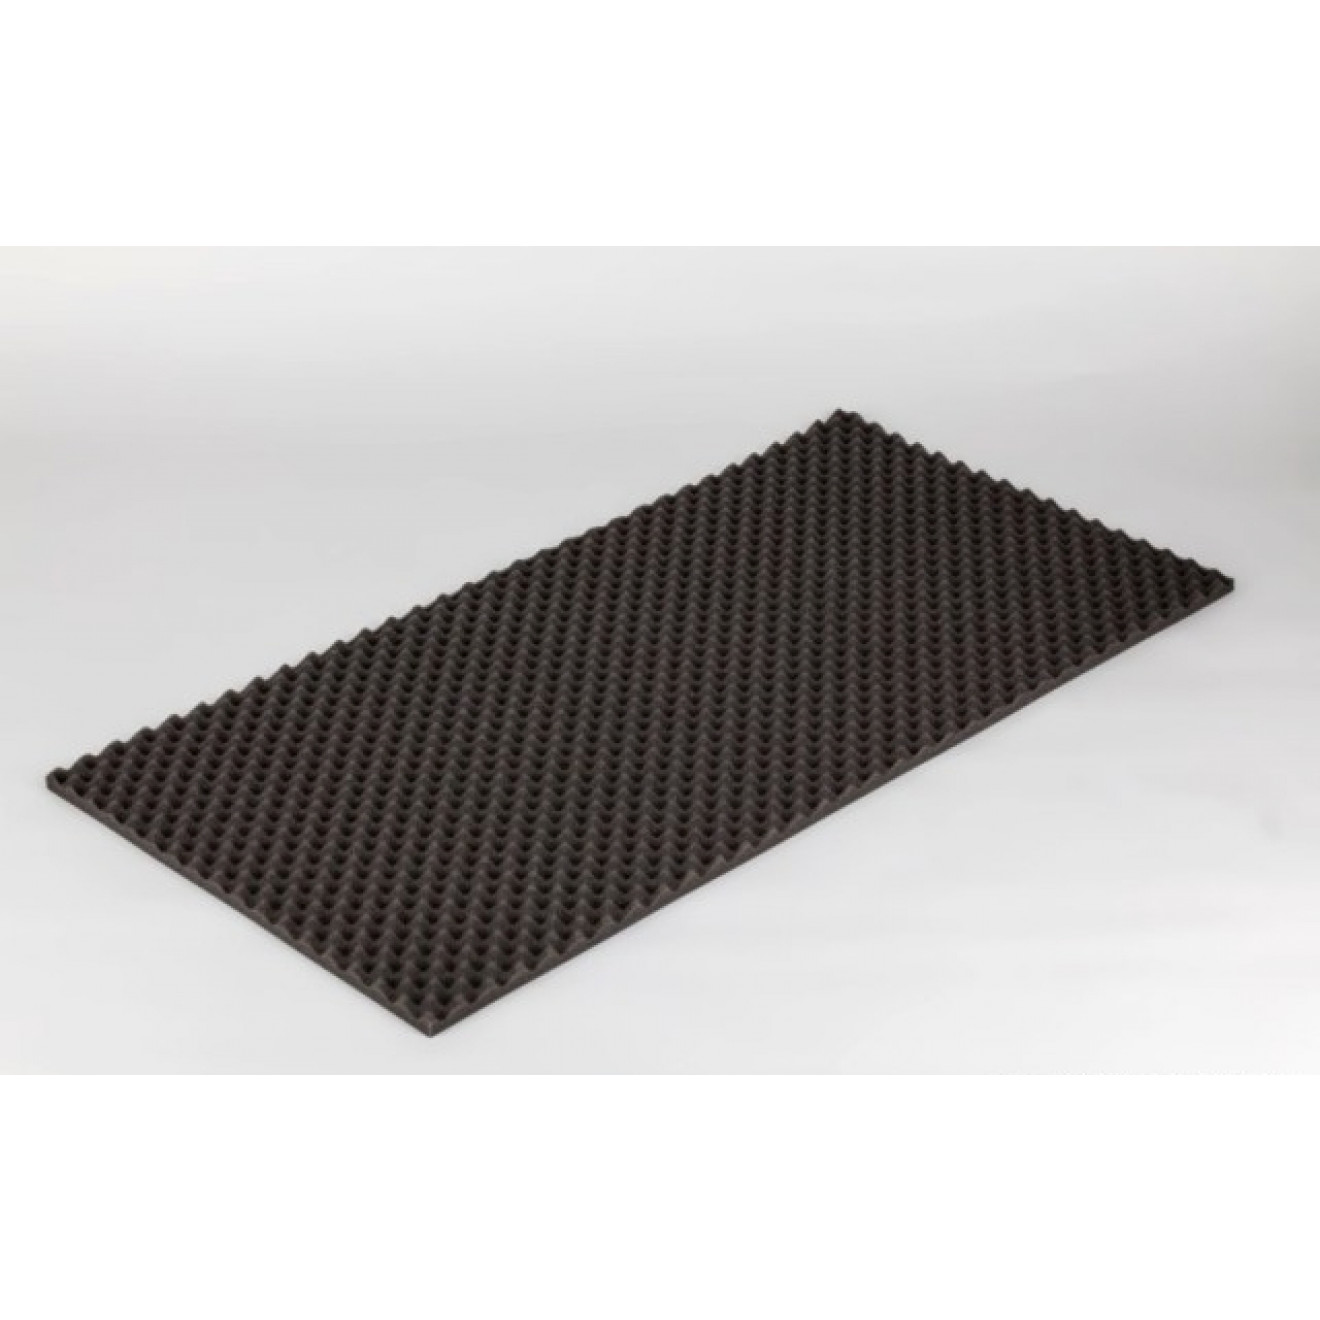 akustik noppenschaumstoff 100 x 50 x 2cm anthrazit. Black Bedroom Furniture Sets. Home Design Ideas